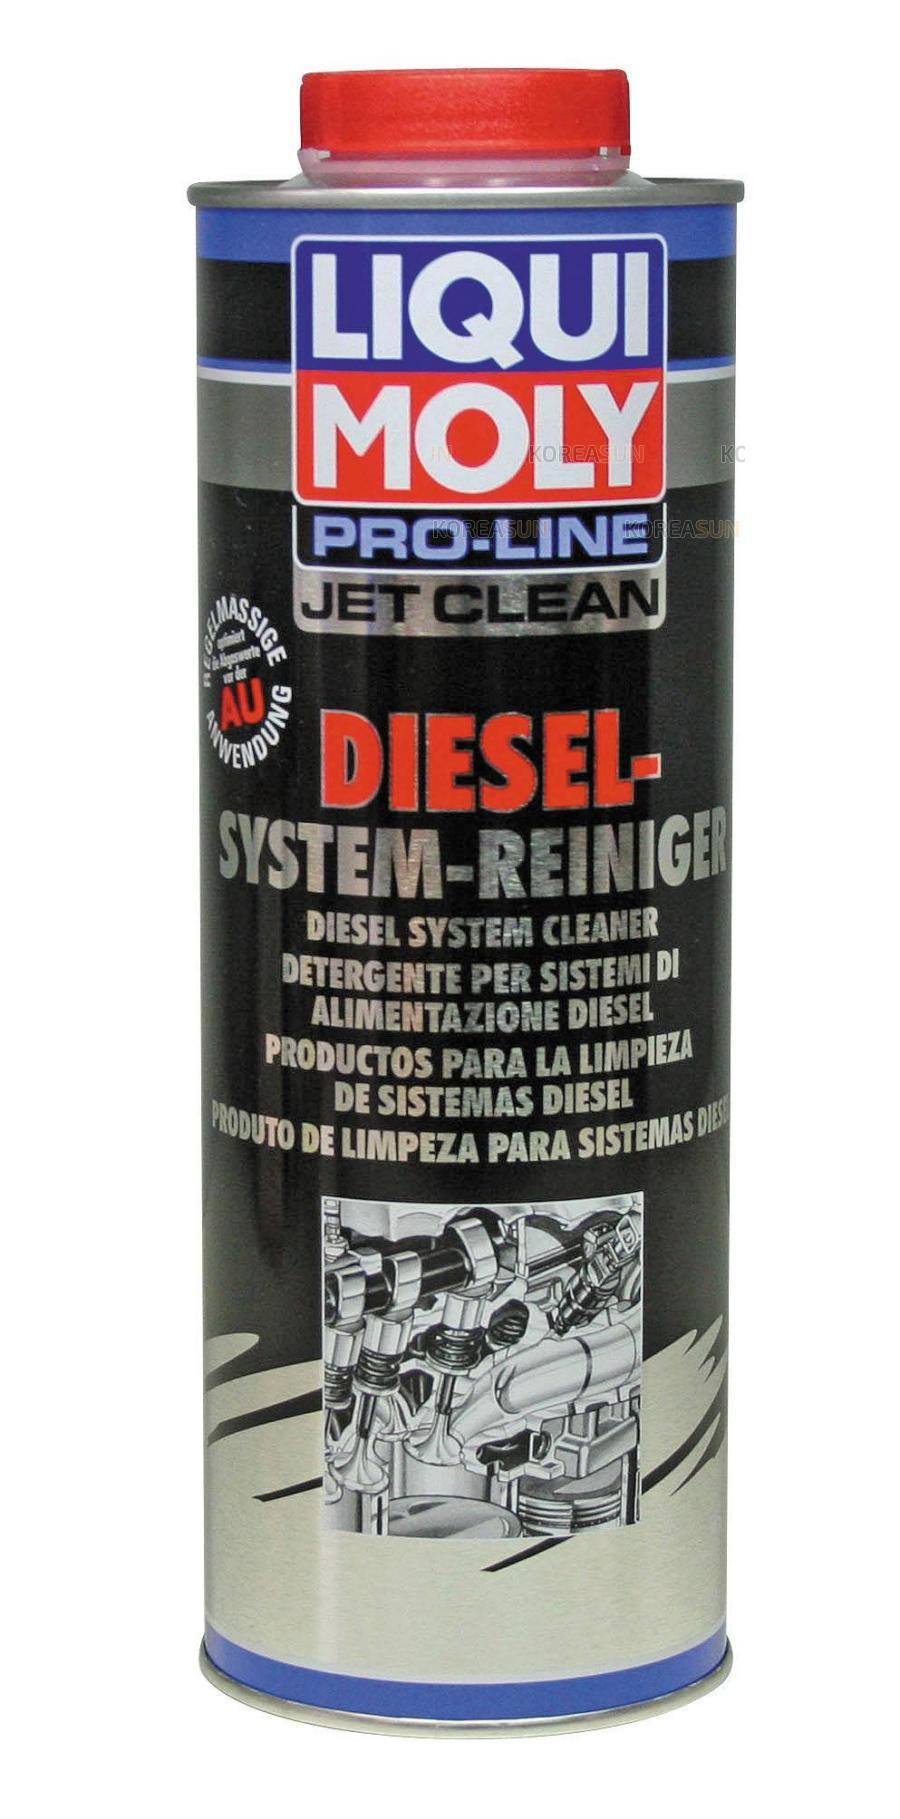 Жидкость для очистки дизельных топливных систем Pro-Line JetClean Diesel-System-Reiniger 1л